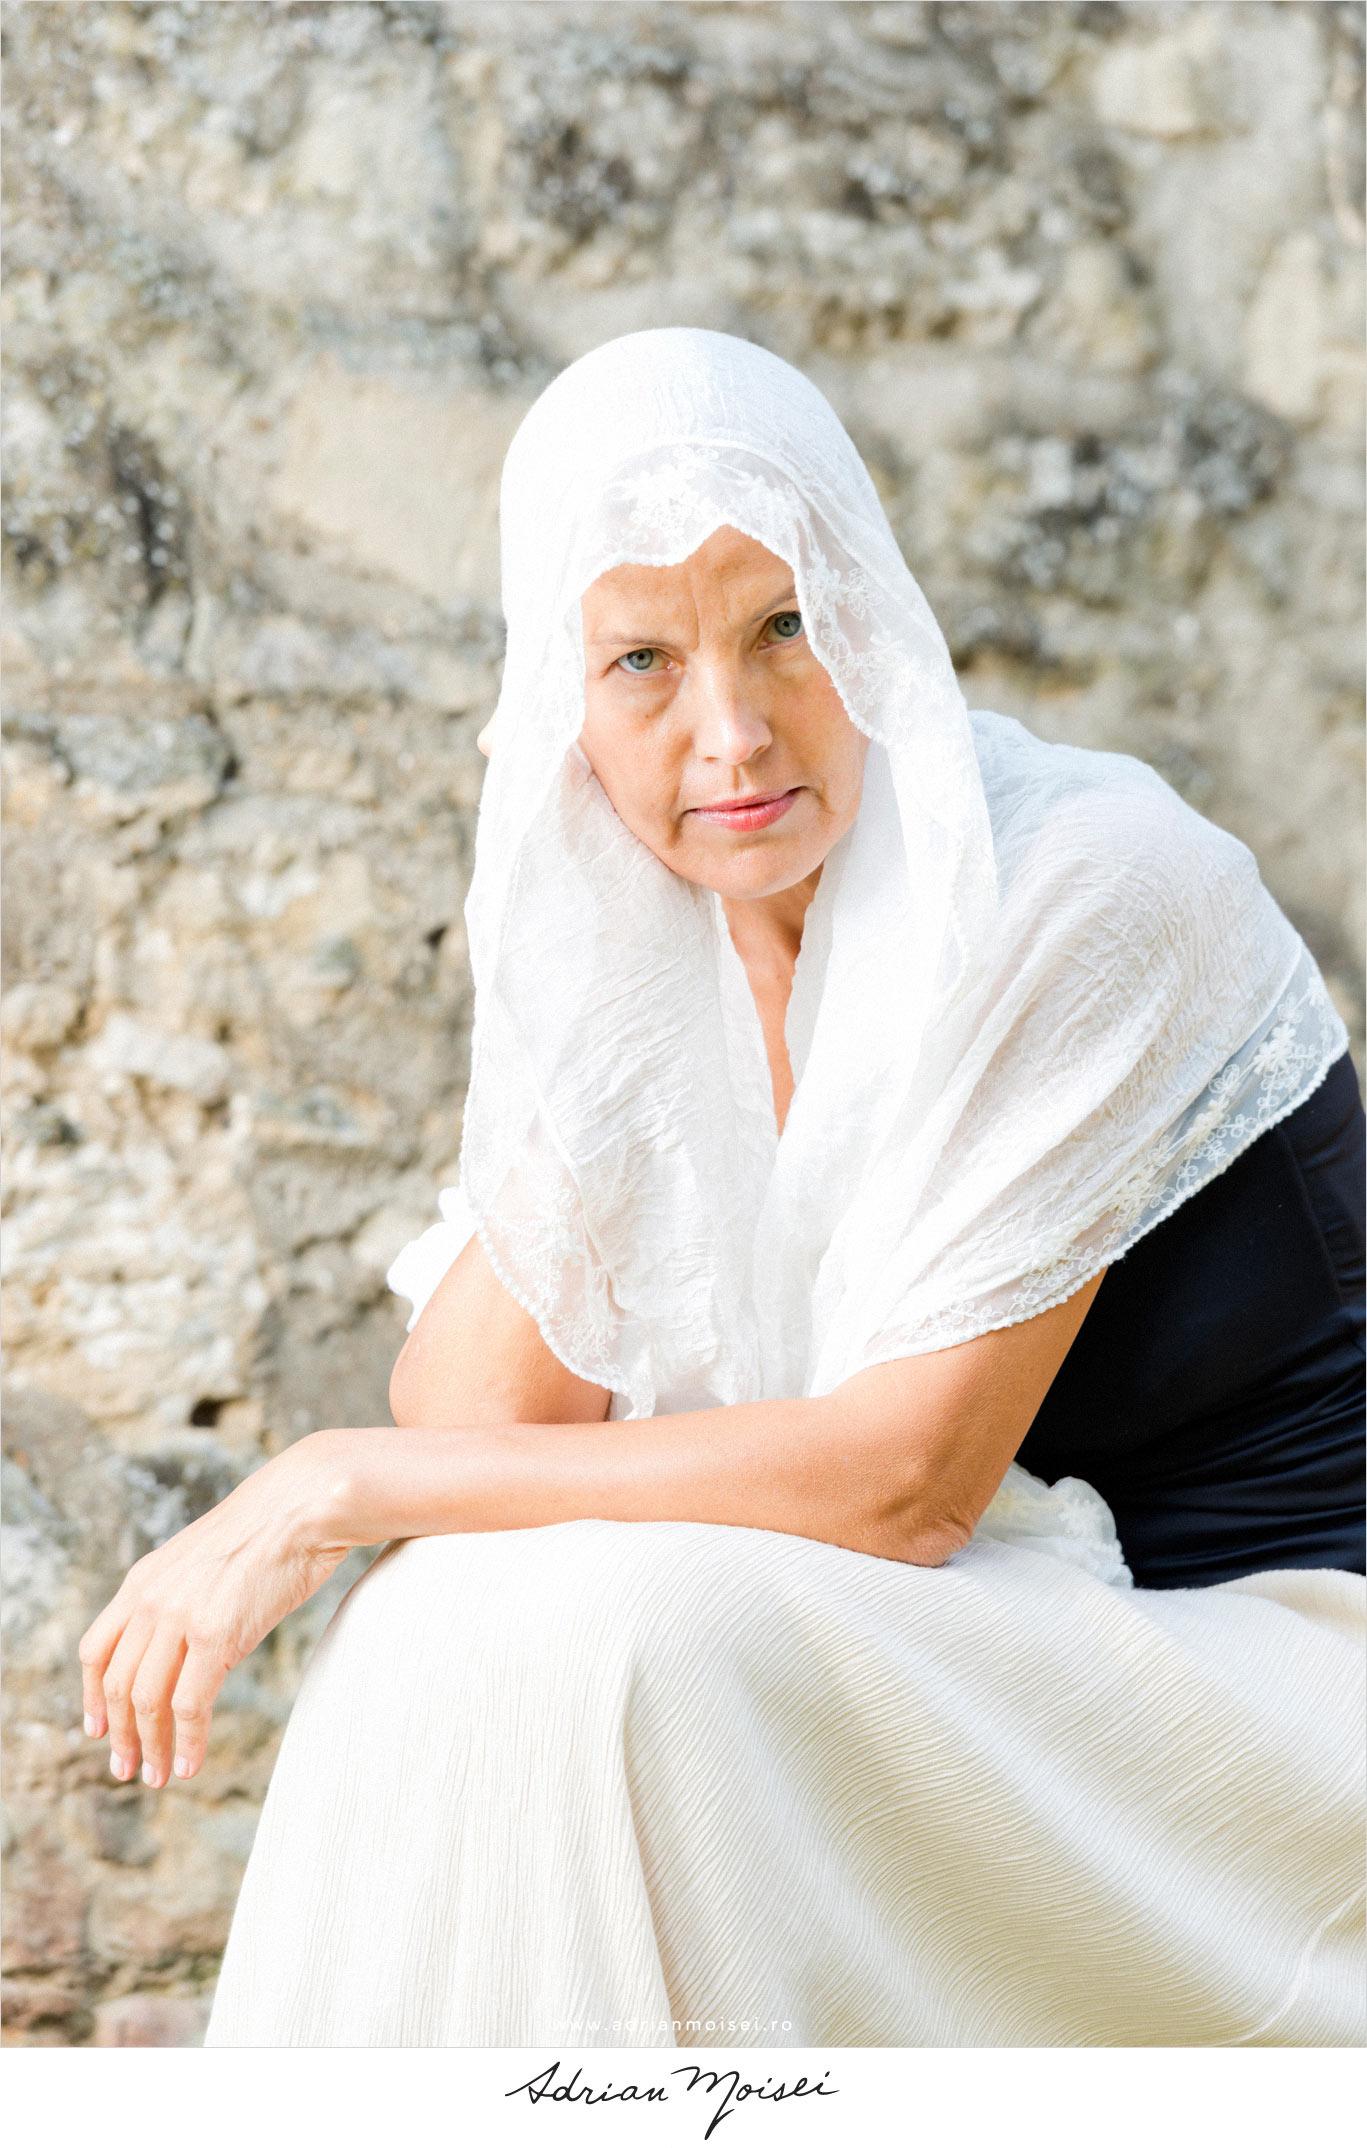 Fotografie de fashion realizată de Adrian Moisei, la mănăstire, fotografie în natură